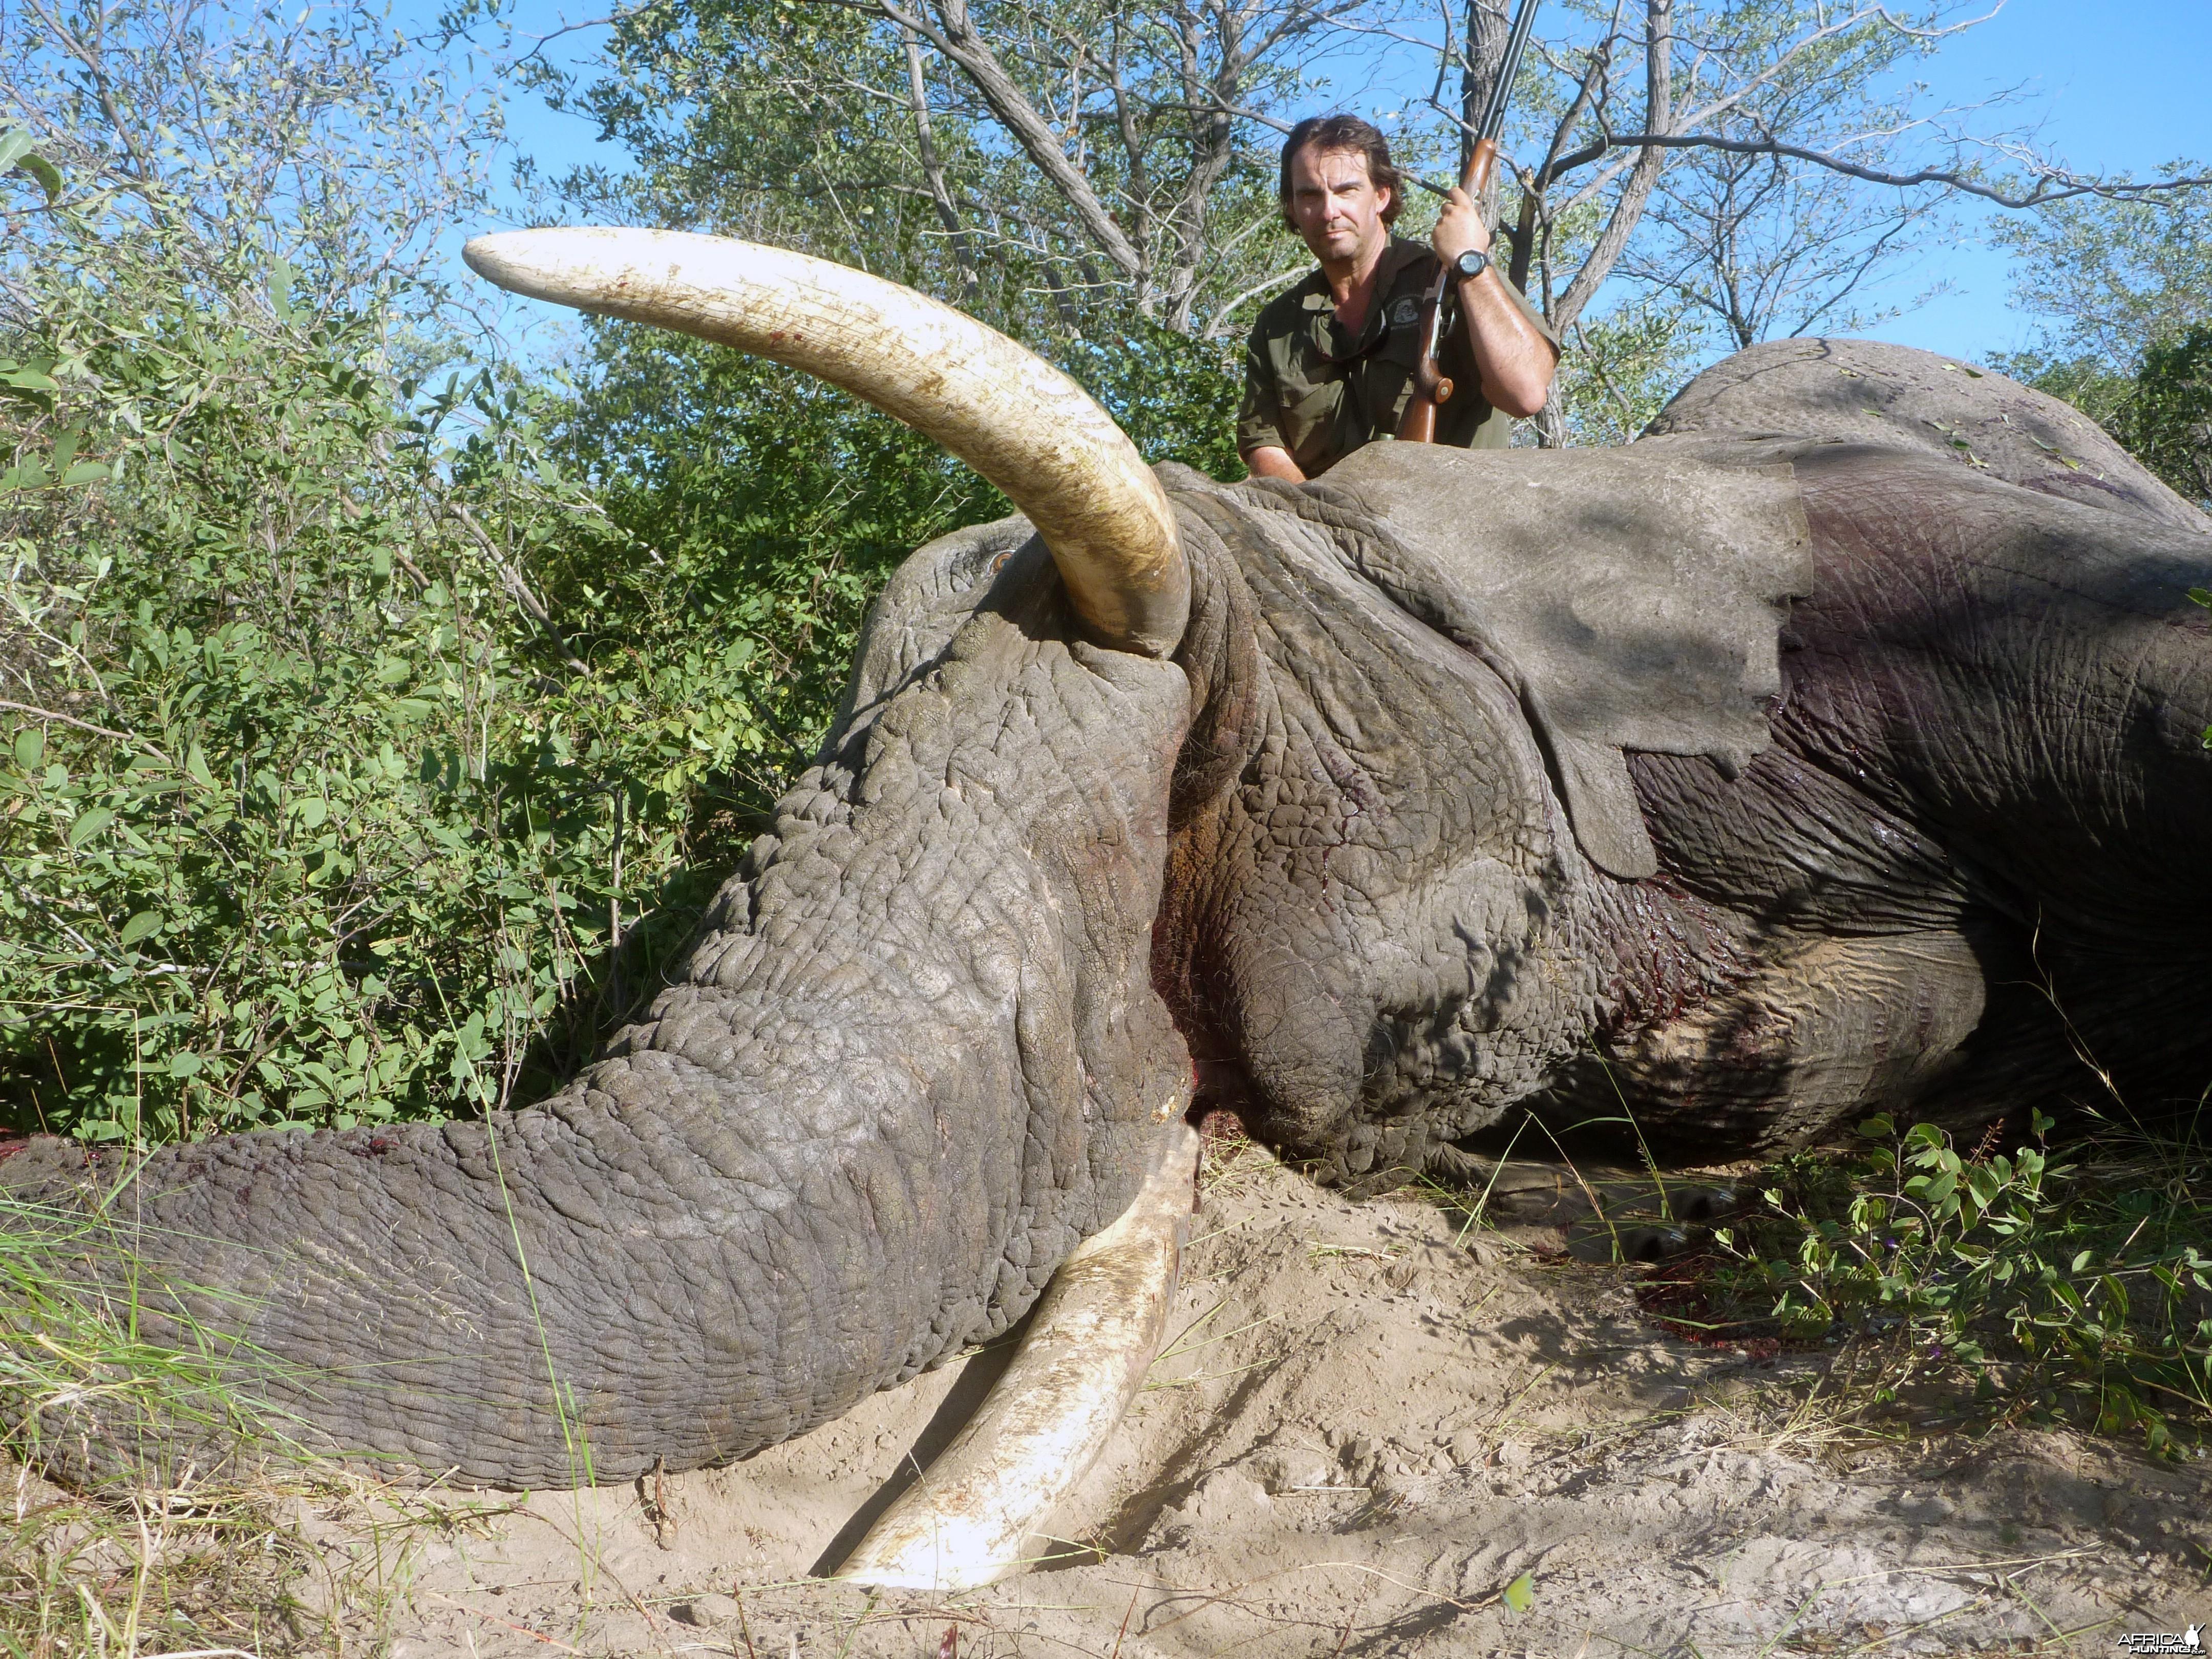 Elephant Botswana 2011 63 x 64 Lbs